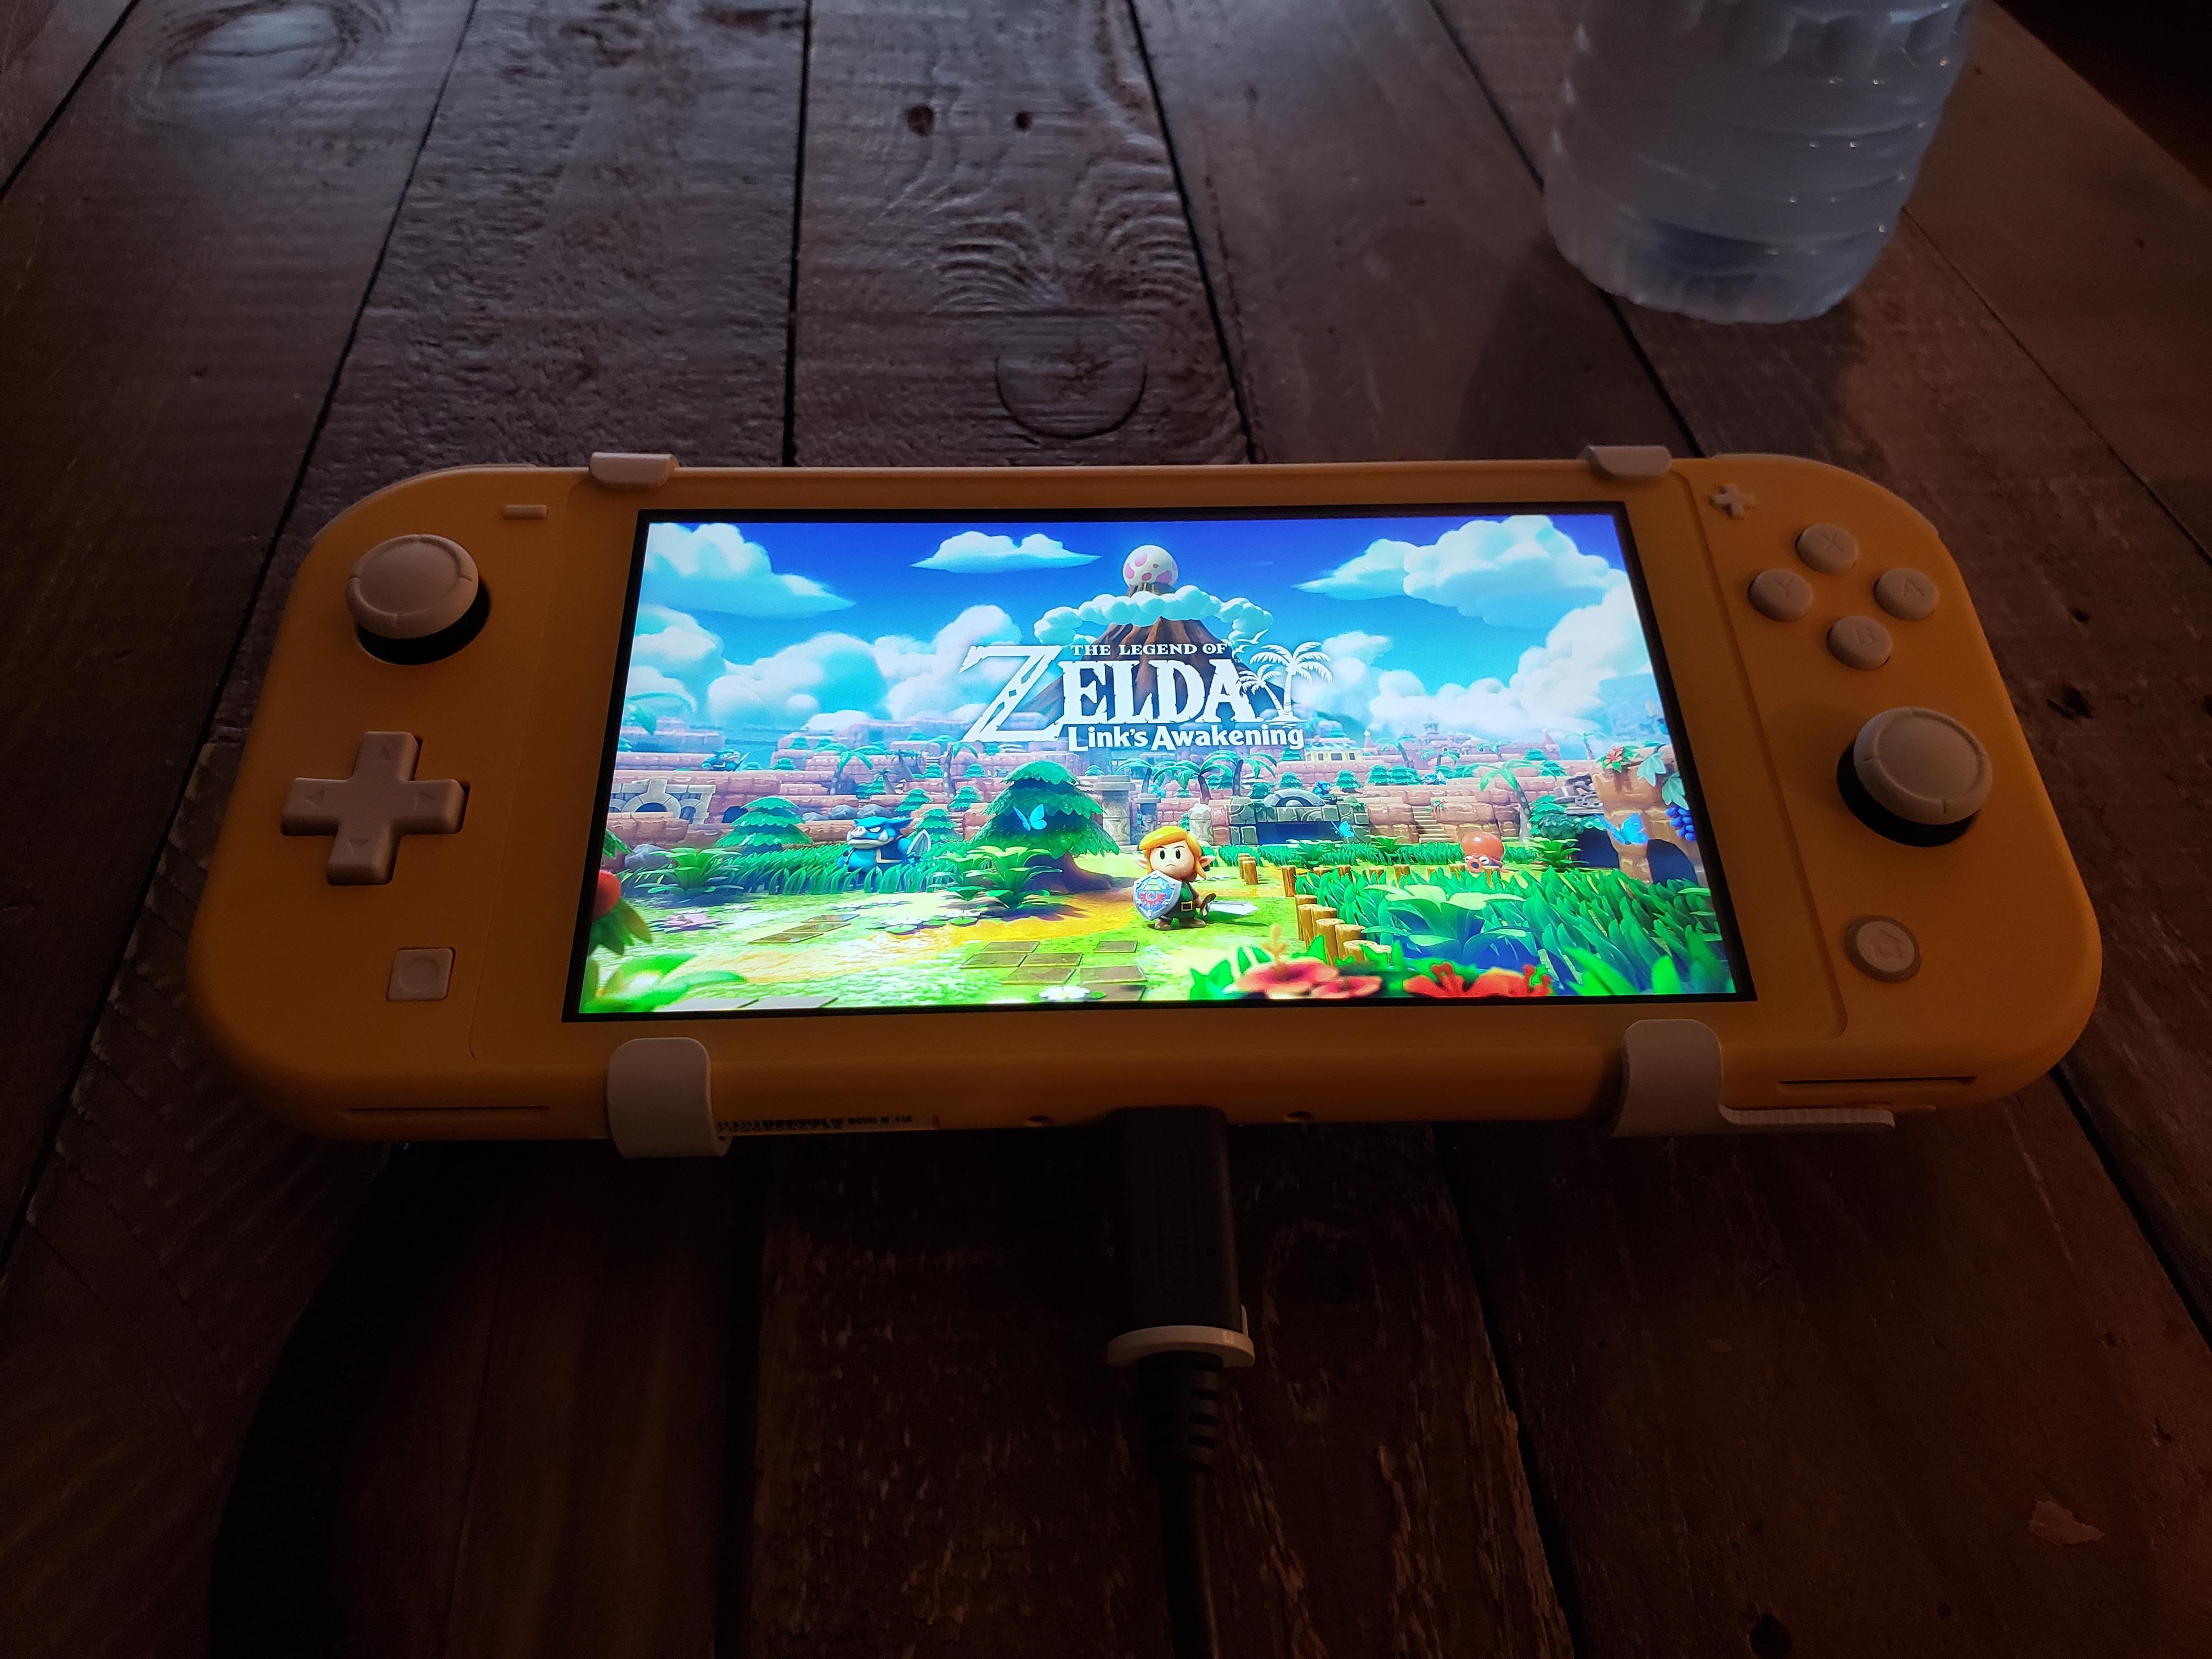 Link's Awakening HD, sorti à l'origine sur la console Gameboy, sortira en même temps que la Switch Lite